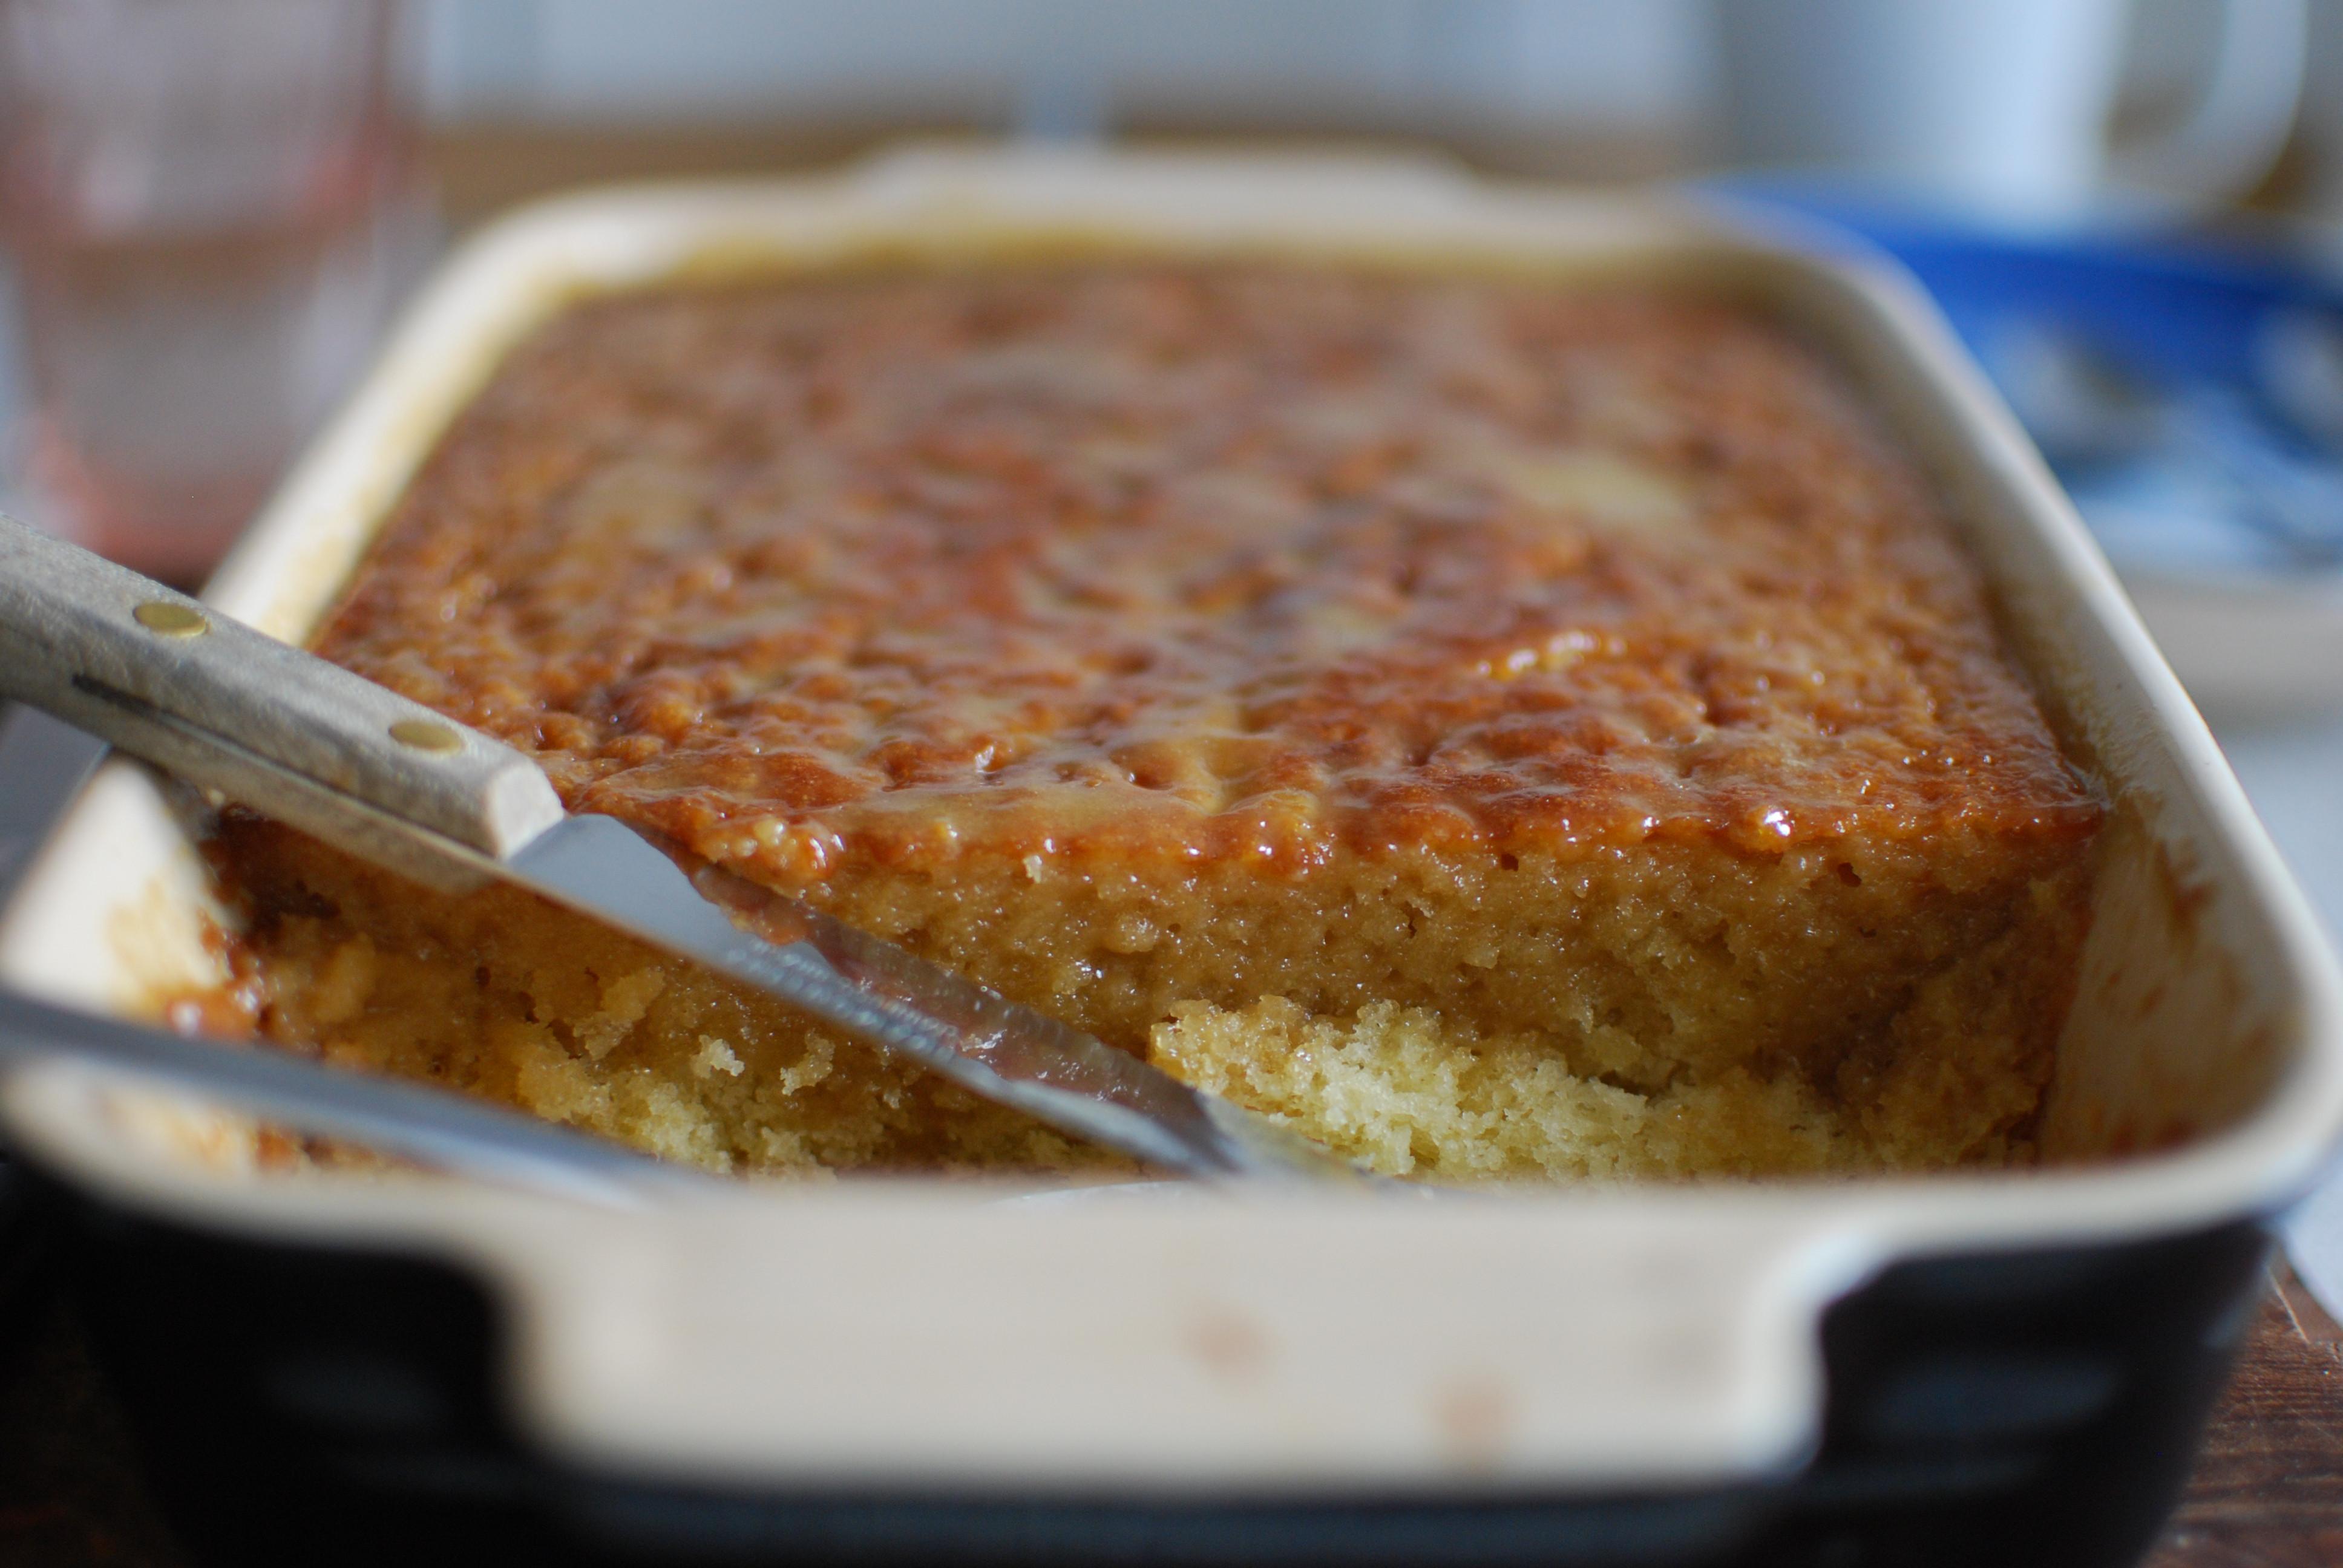 African Dessert Recipes  Malva pudding – an amazing South African dessert